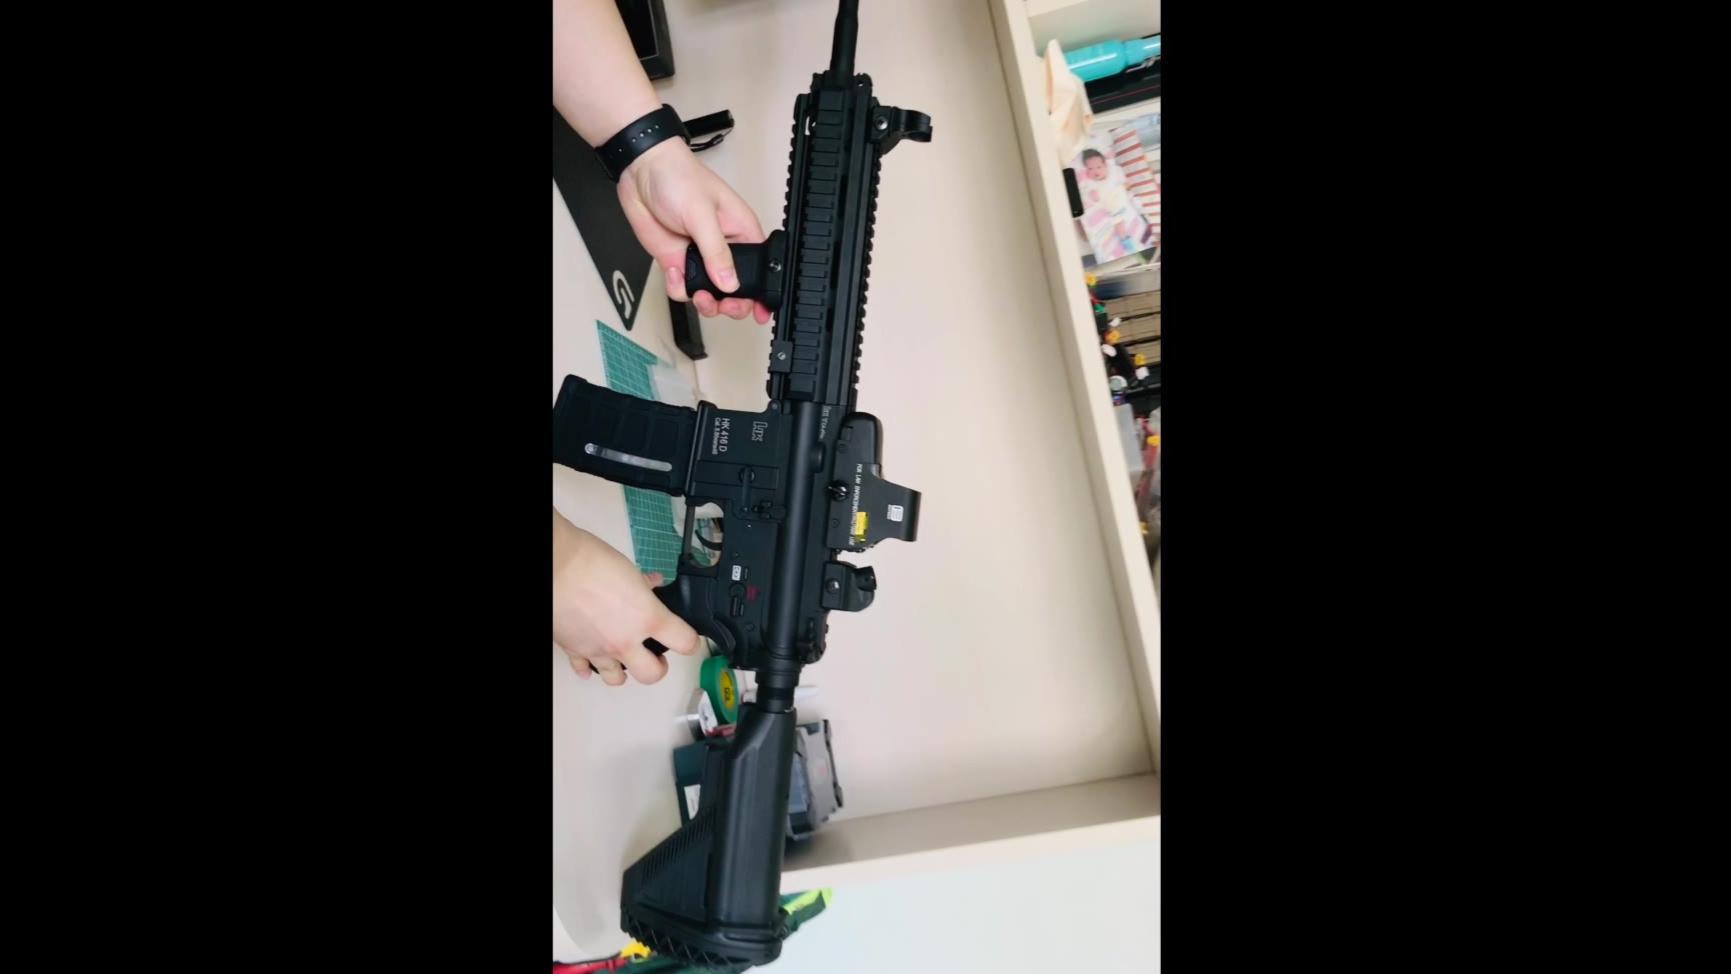 HK416 外改以及效果 「应大家要求」